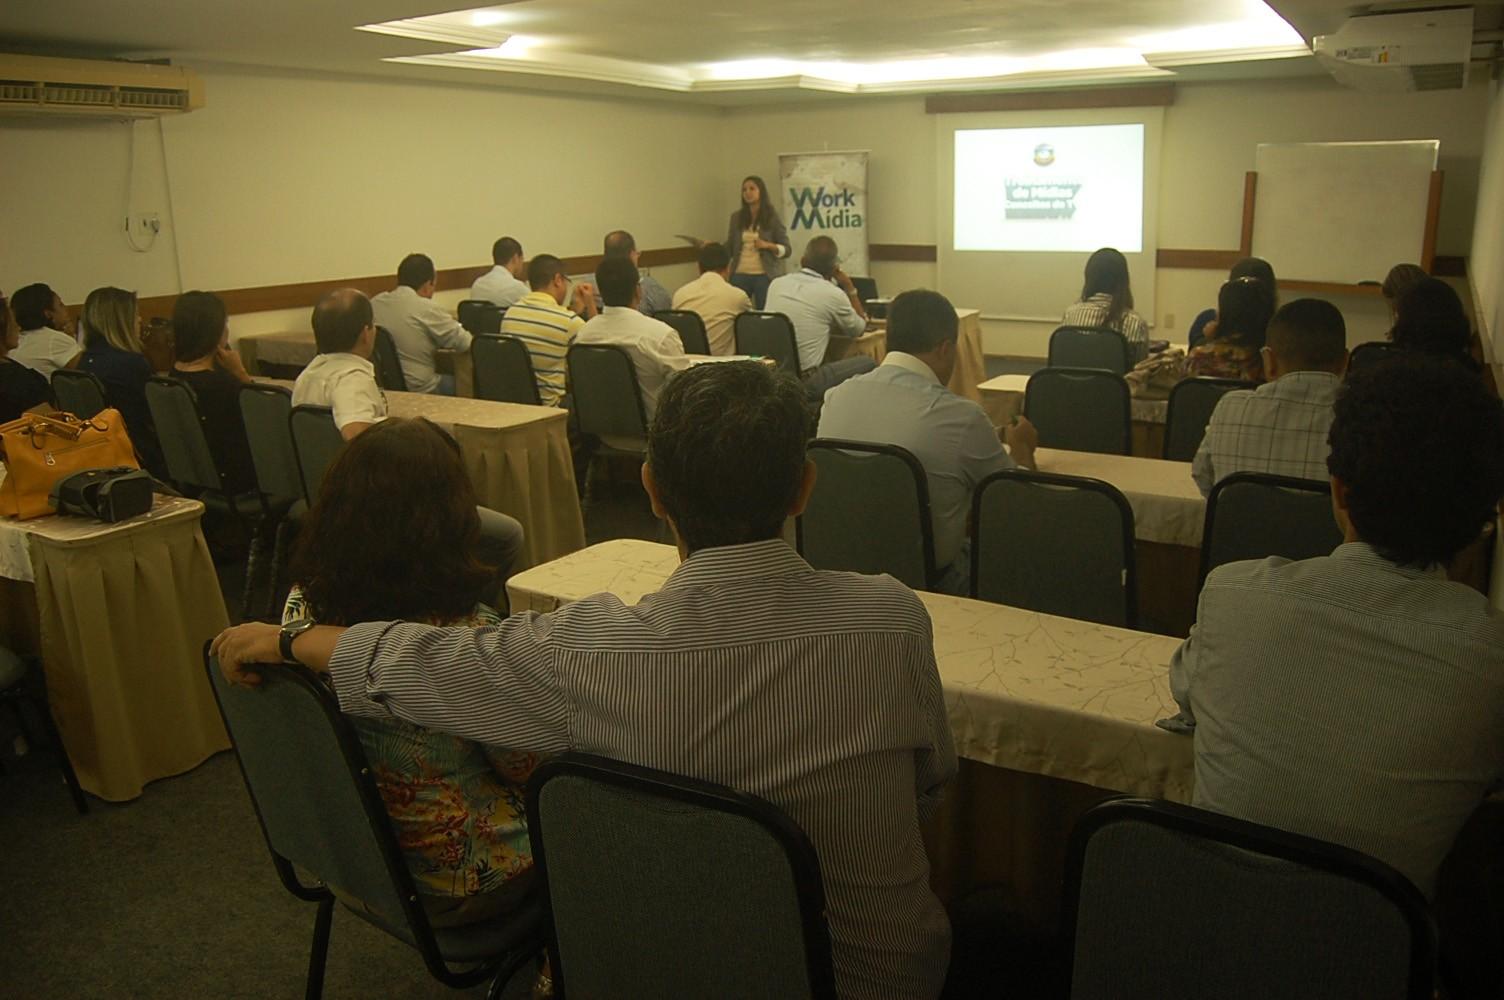 1º WorkMídia aconteceu nesta segunda-feira (18), no Xênius Hotel, em João Pessoa (Foto: Daniel Sousa/ TV Cabo Branco)